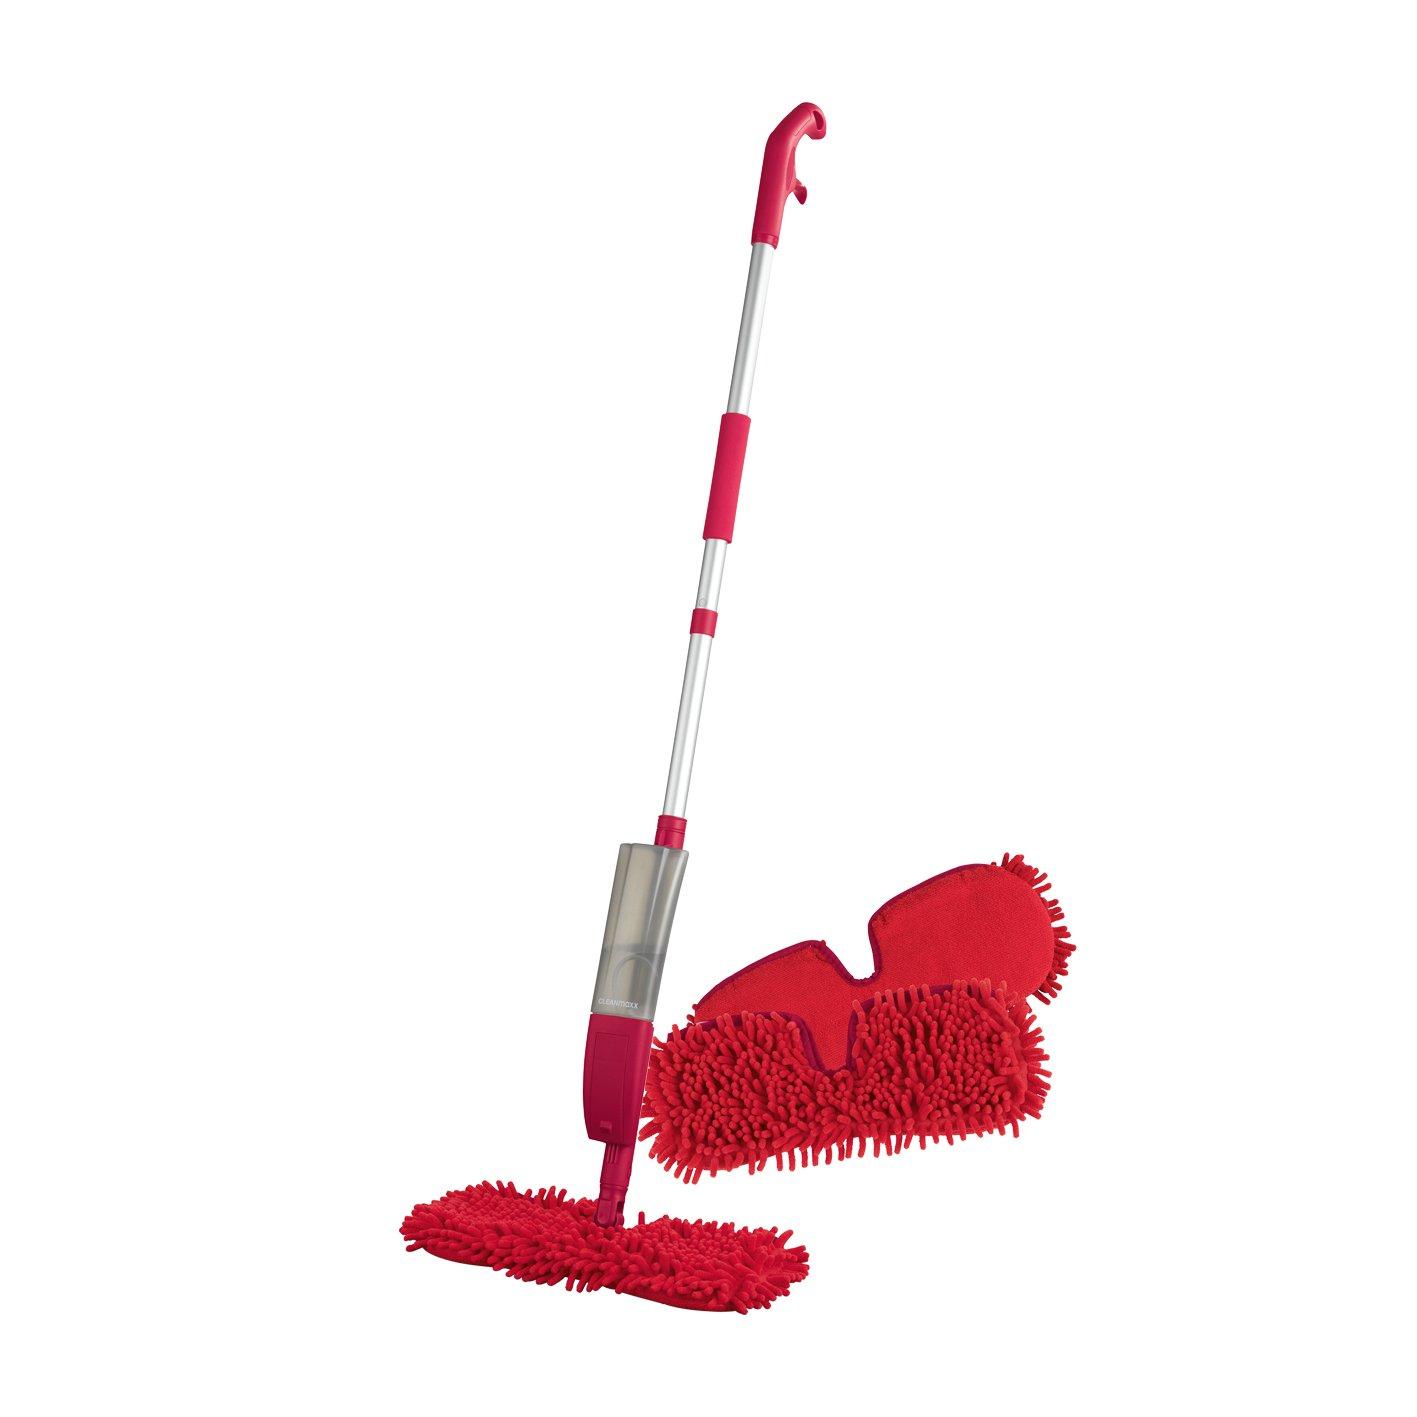 Ersatzmopp set für Spray-Mopp flexibel rot ( Praktischer Wende-Mopp zur Nass- und Trockenreinigung ) (2er Ersatzmopset) CLEANmaxx 07840100200